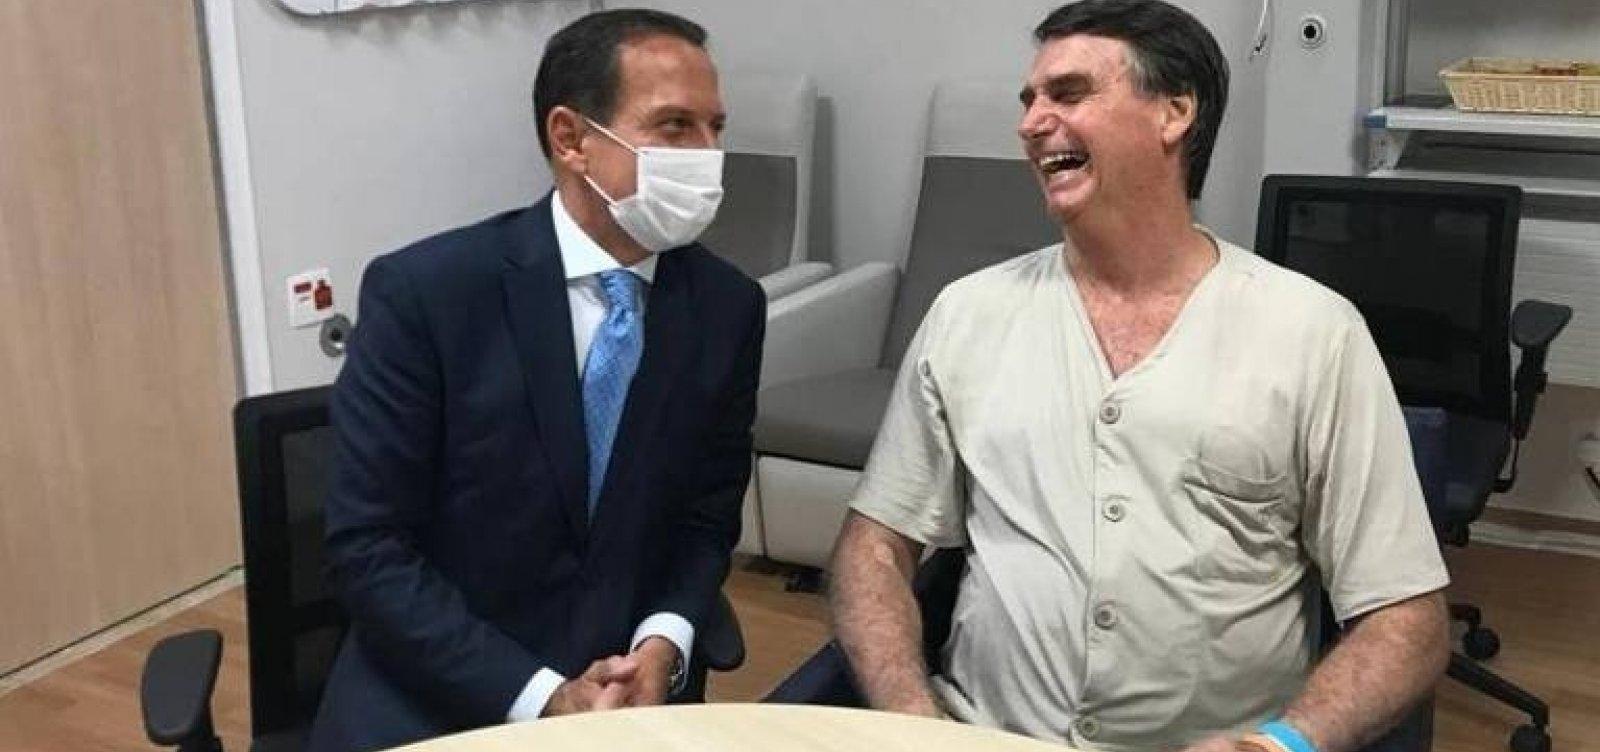 [Após visitar Bolsonaro, Doria diz que texto da Previdência está prestes a ser fechado]